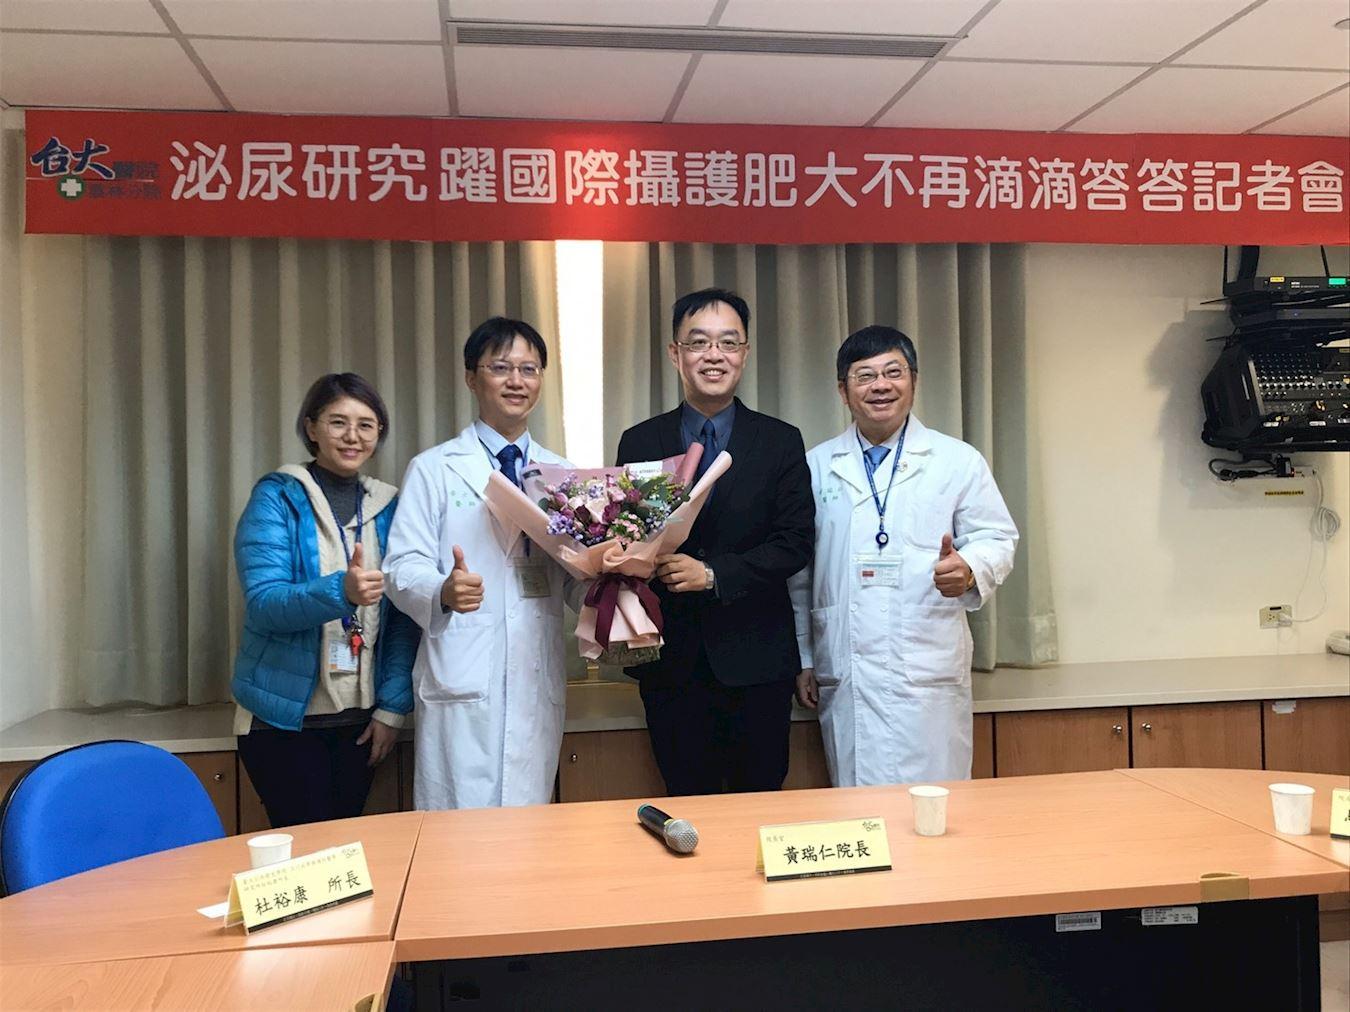 Dr. Huang Shi-wei3